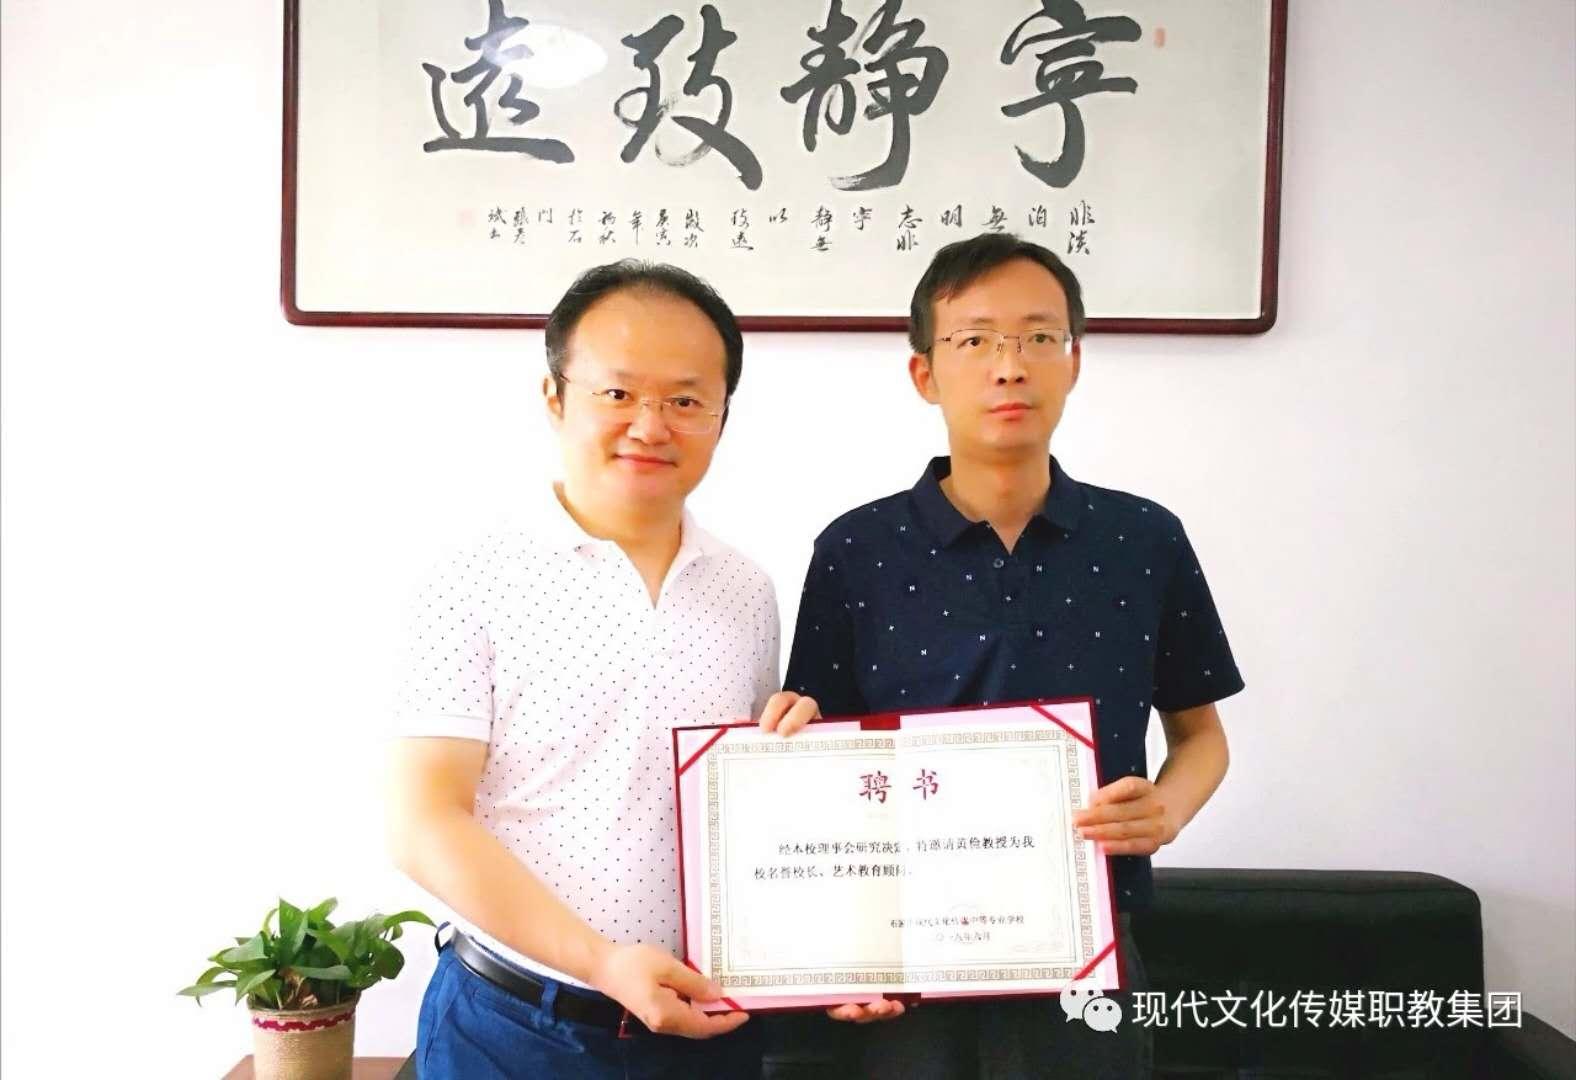 全国学校美育联盟秘书长、中国艺术节基金会副秘书长、中国舞蹈家协会